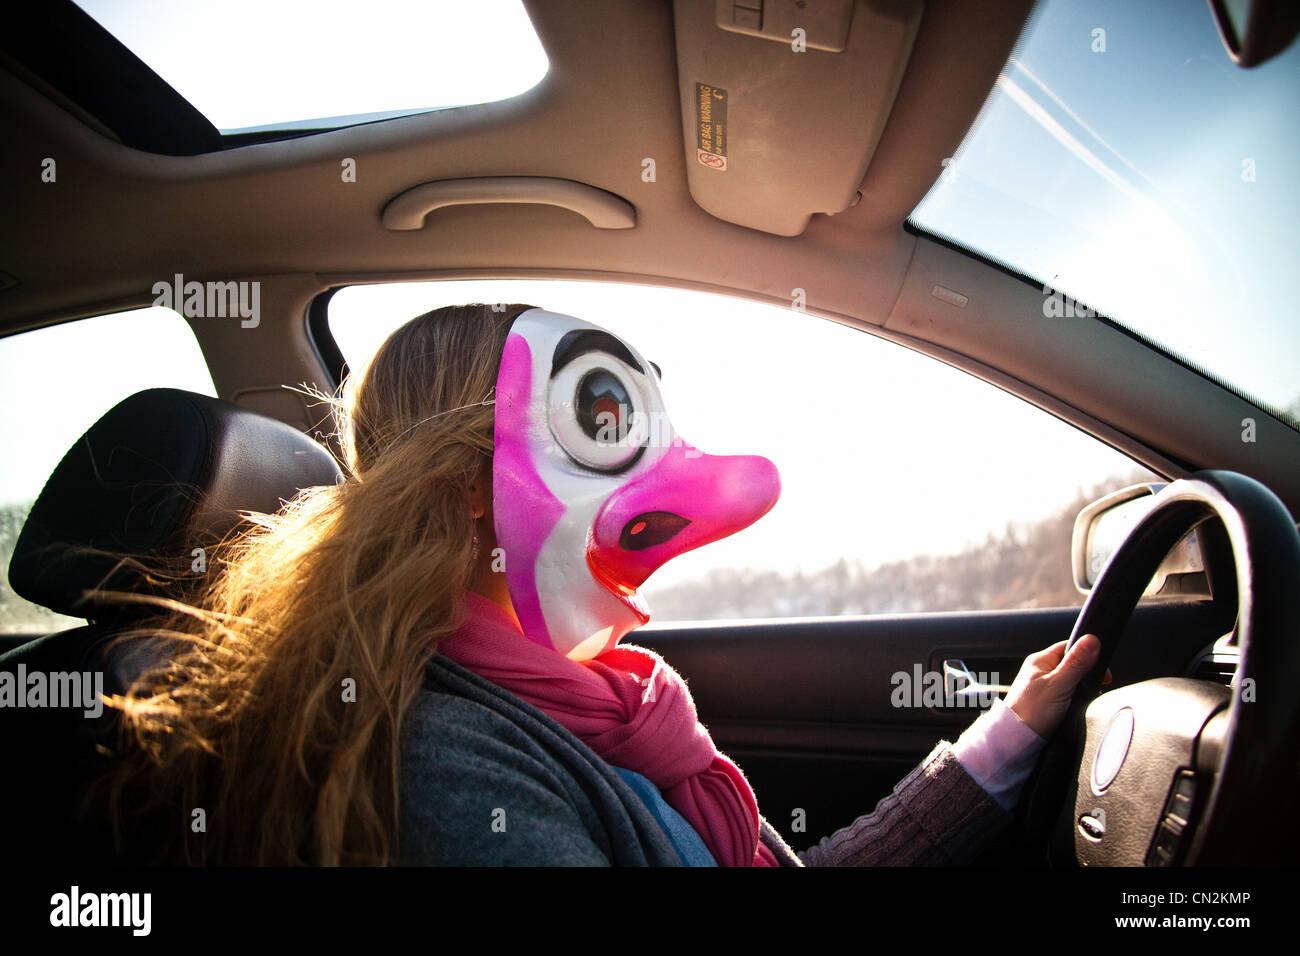 Donna alla guida di auto indossando maschera clown Foto Stock